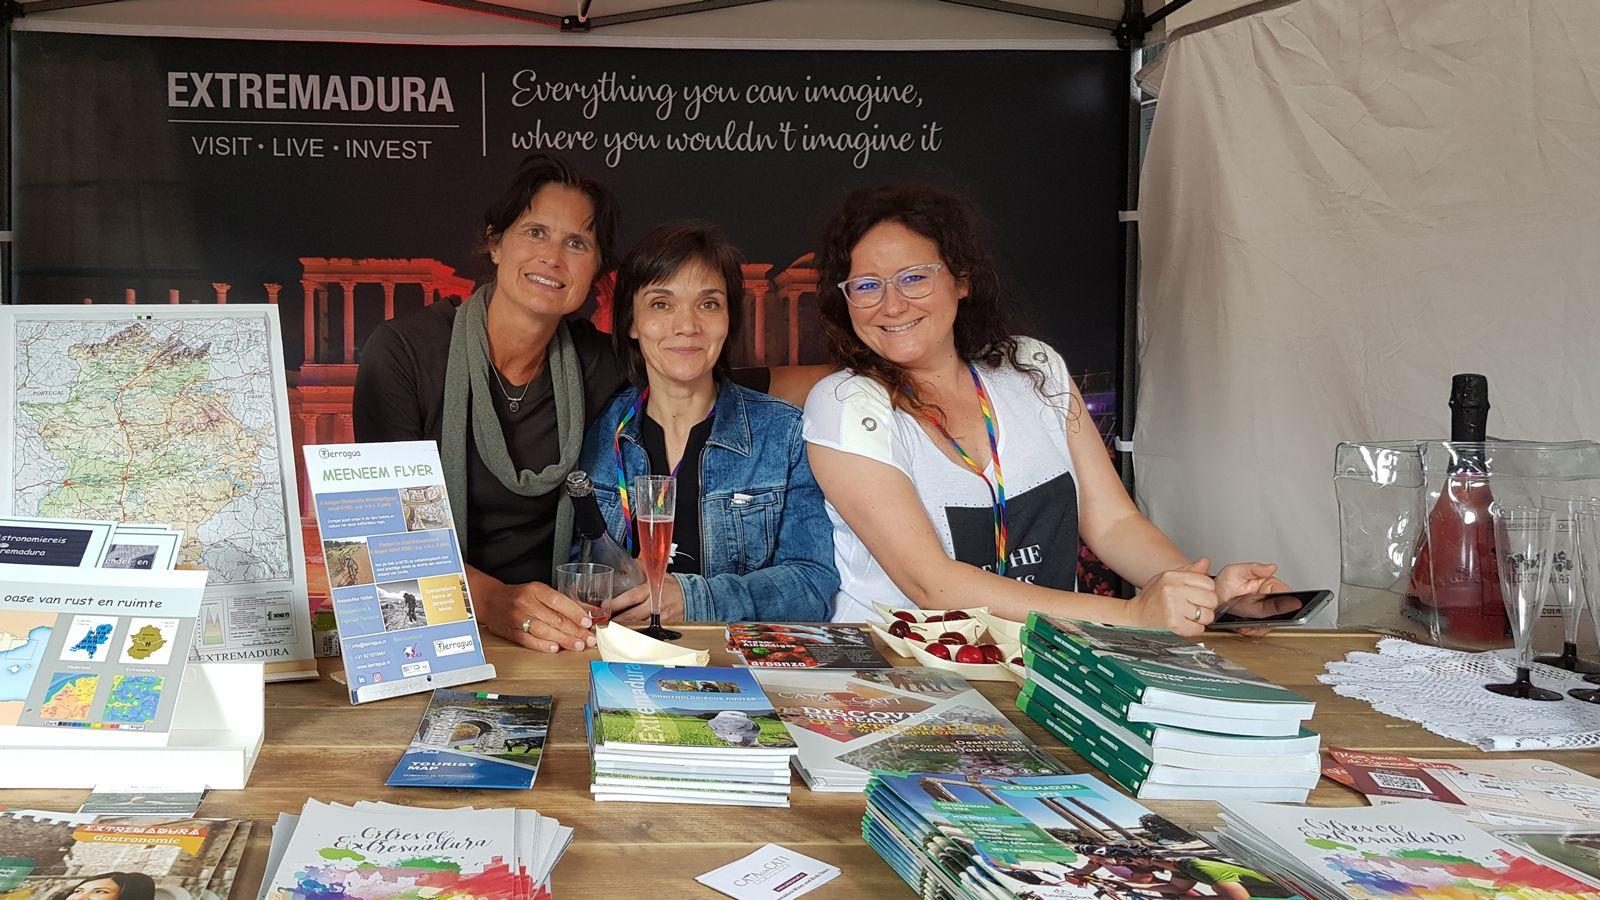 Het toerismebereau en Tierragua samen in een stand met uitgebreide informatie over vakantie in Extremadura Spanje